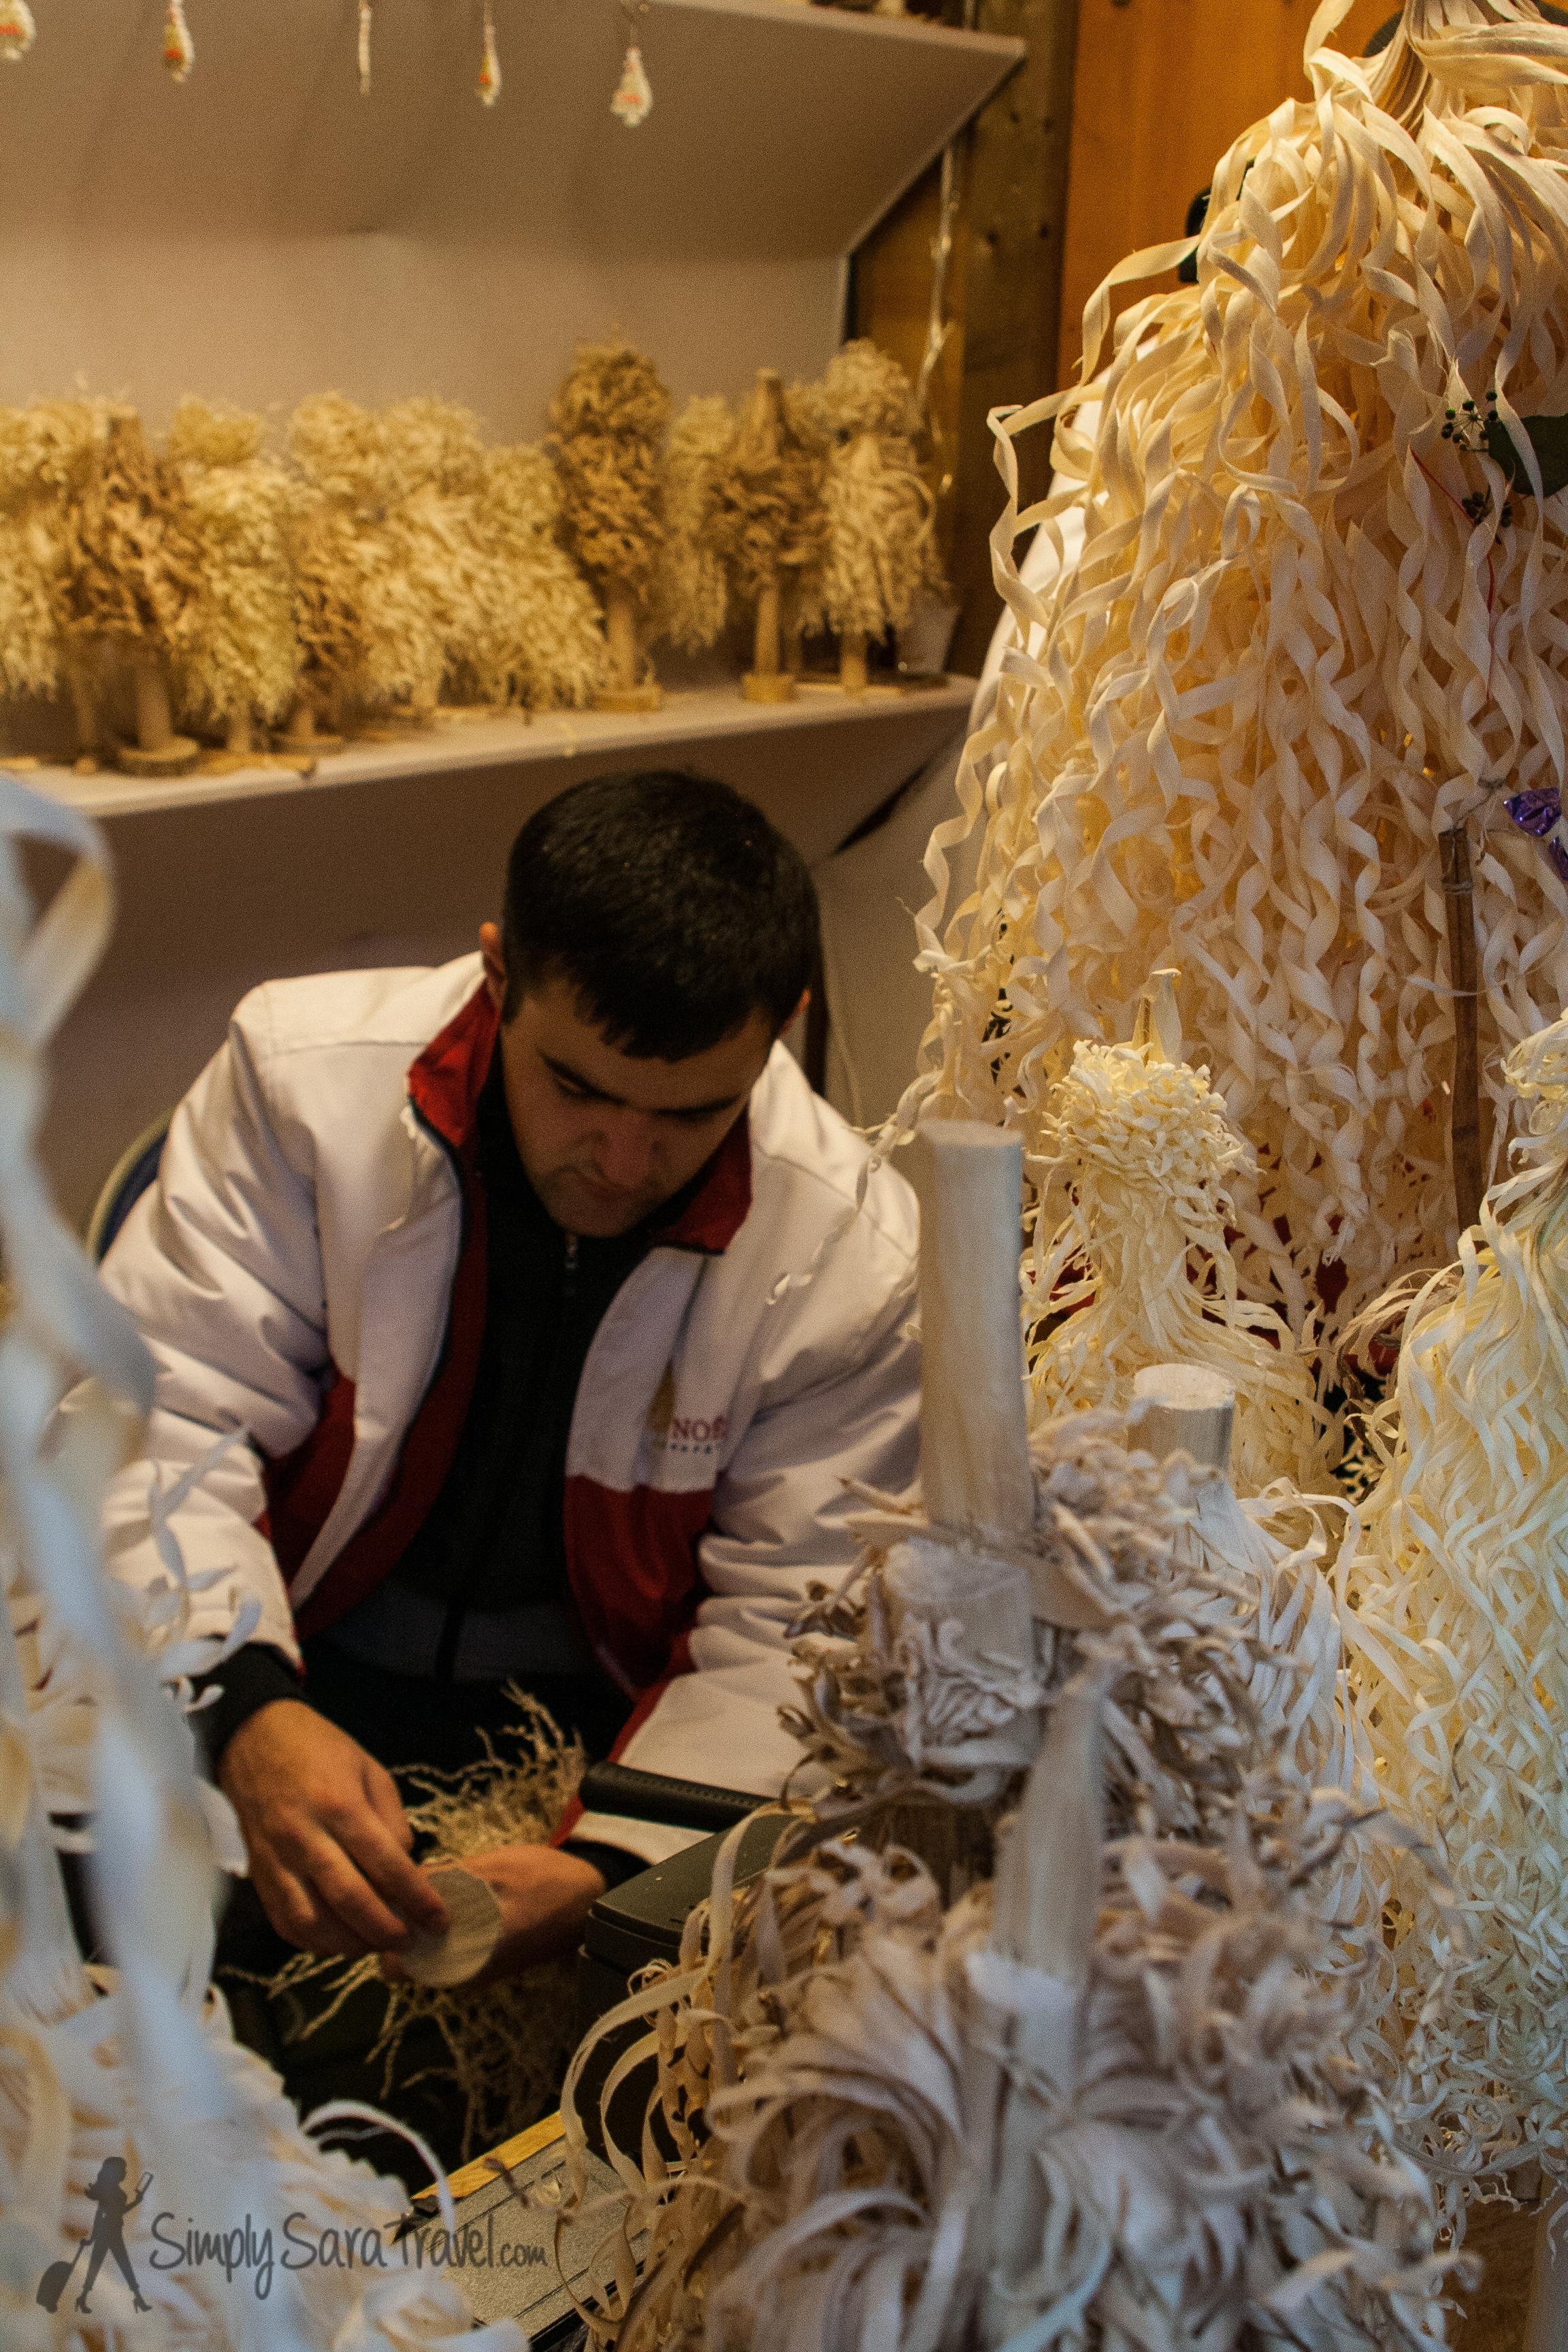 Craftsman at Christmas market in Strasbourg, France